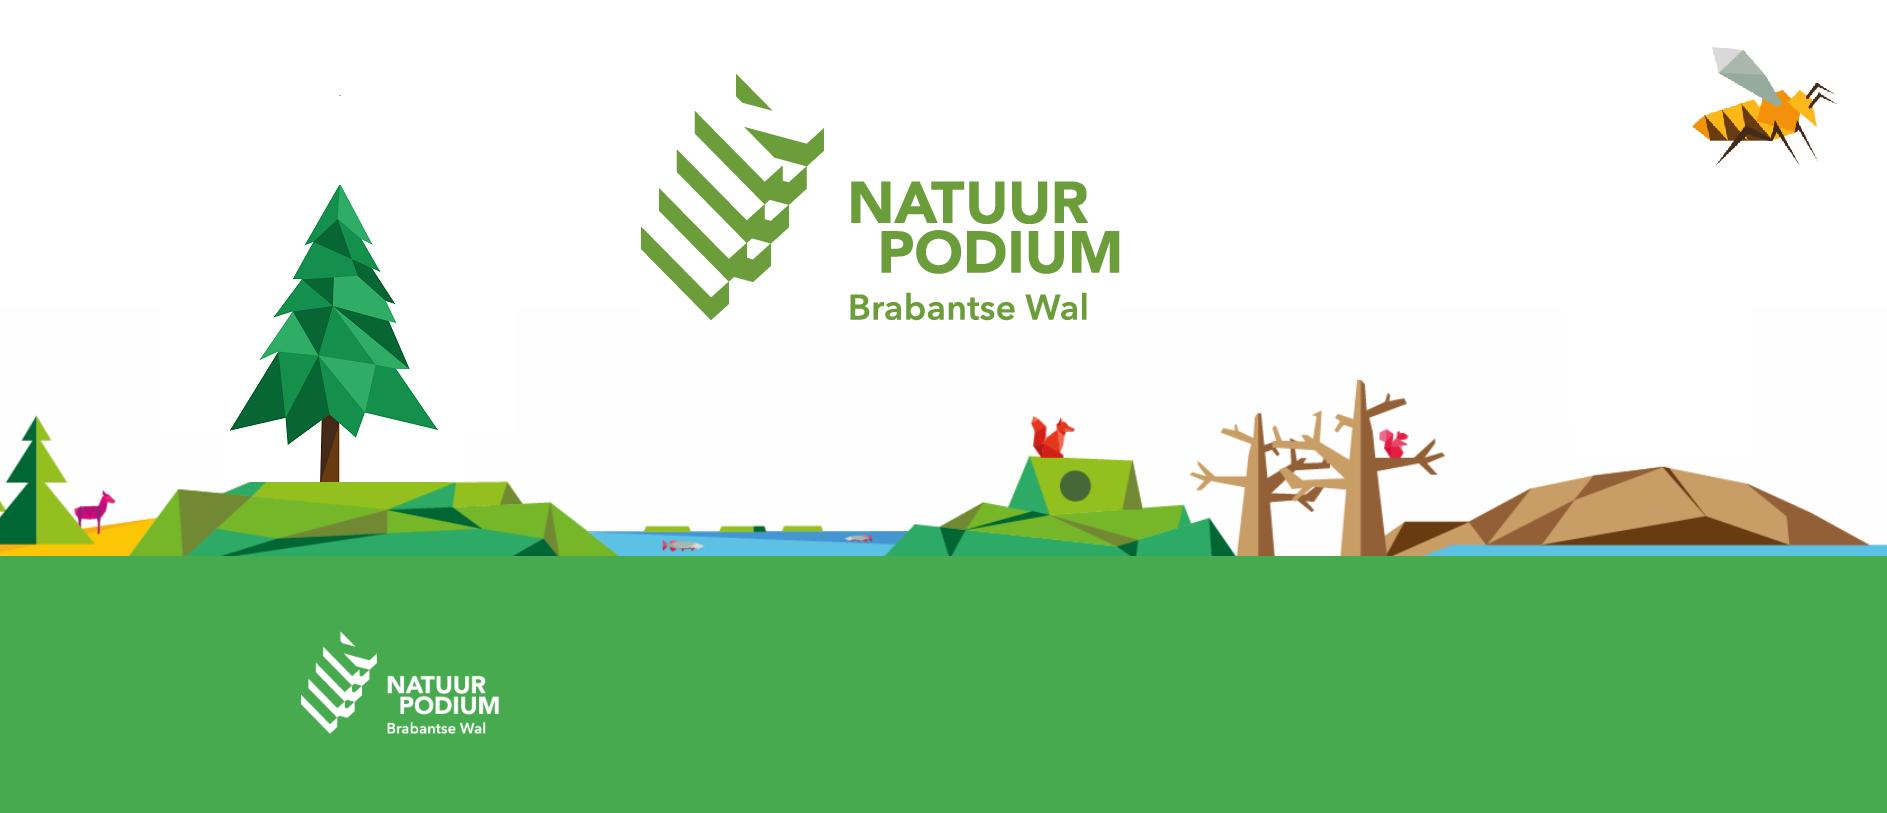 Natuurpodium - Bergen op Zoom, Nederland